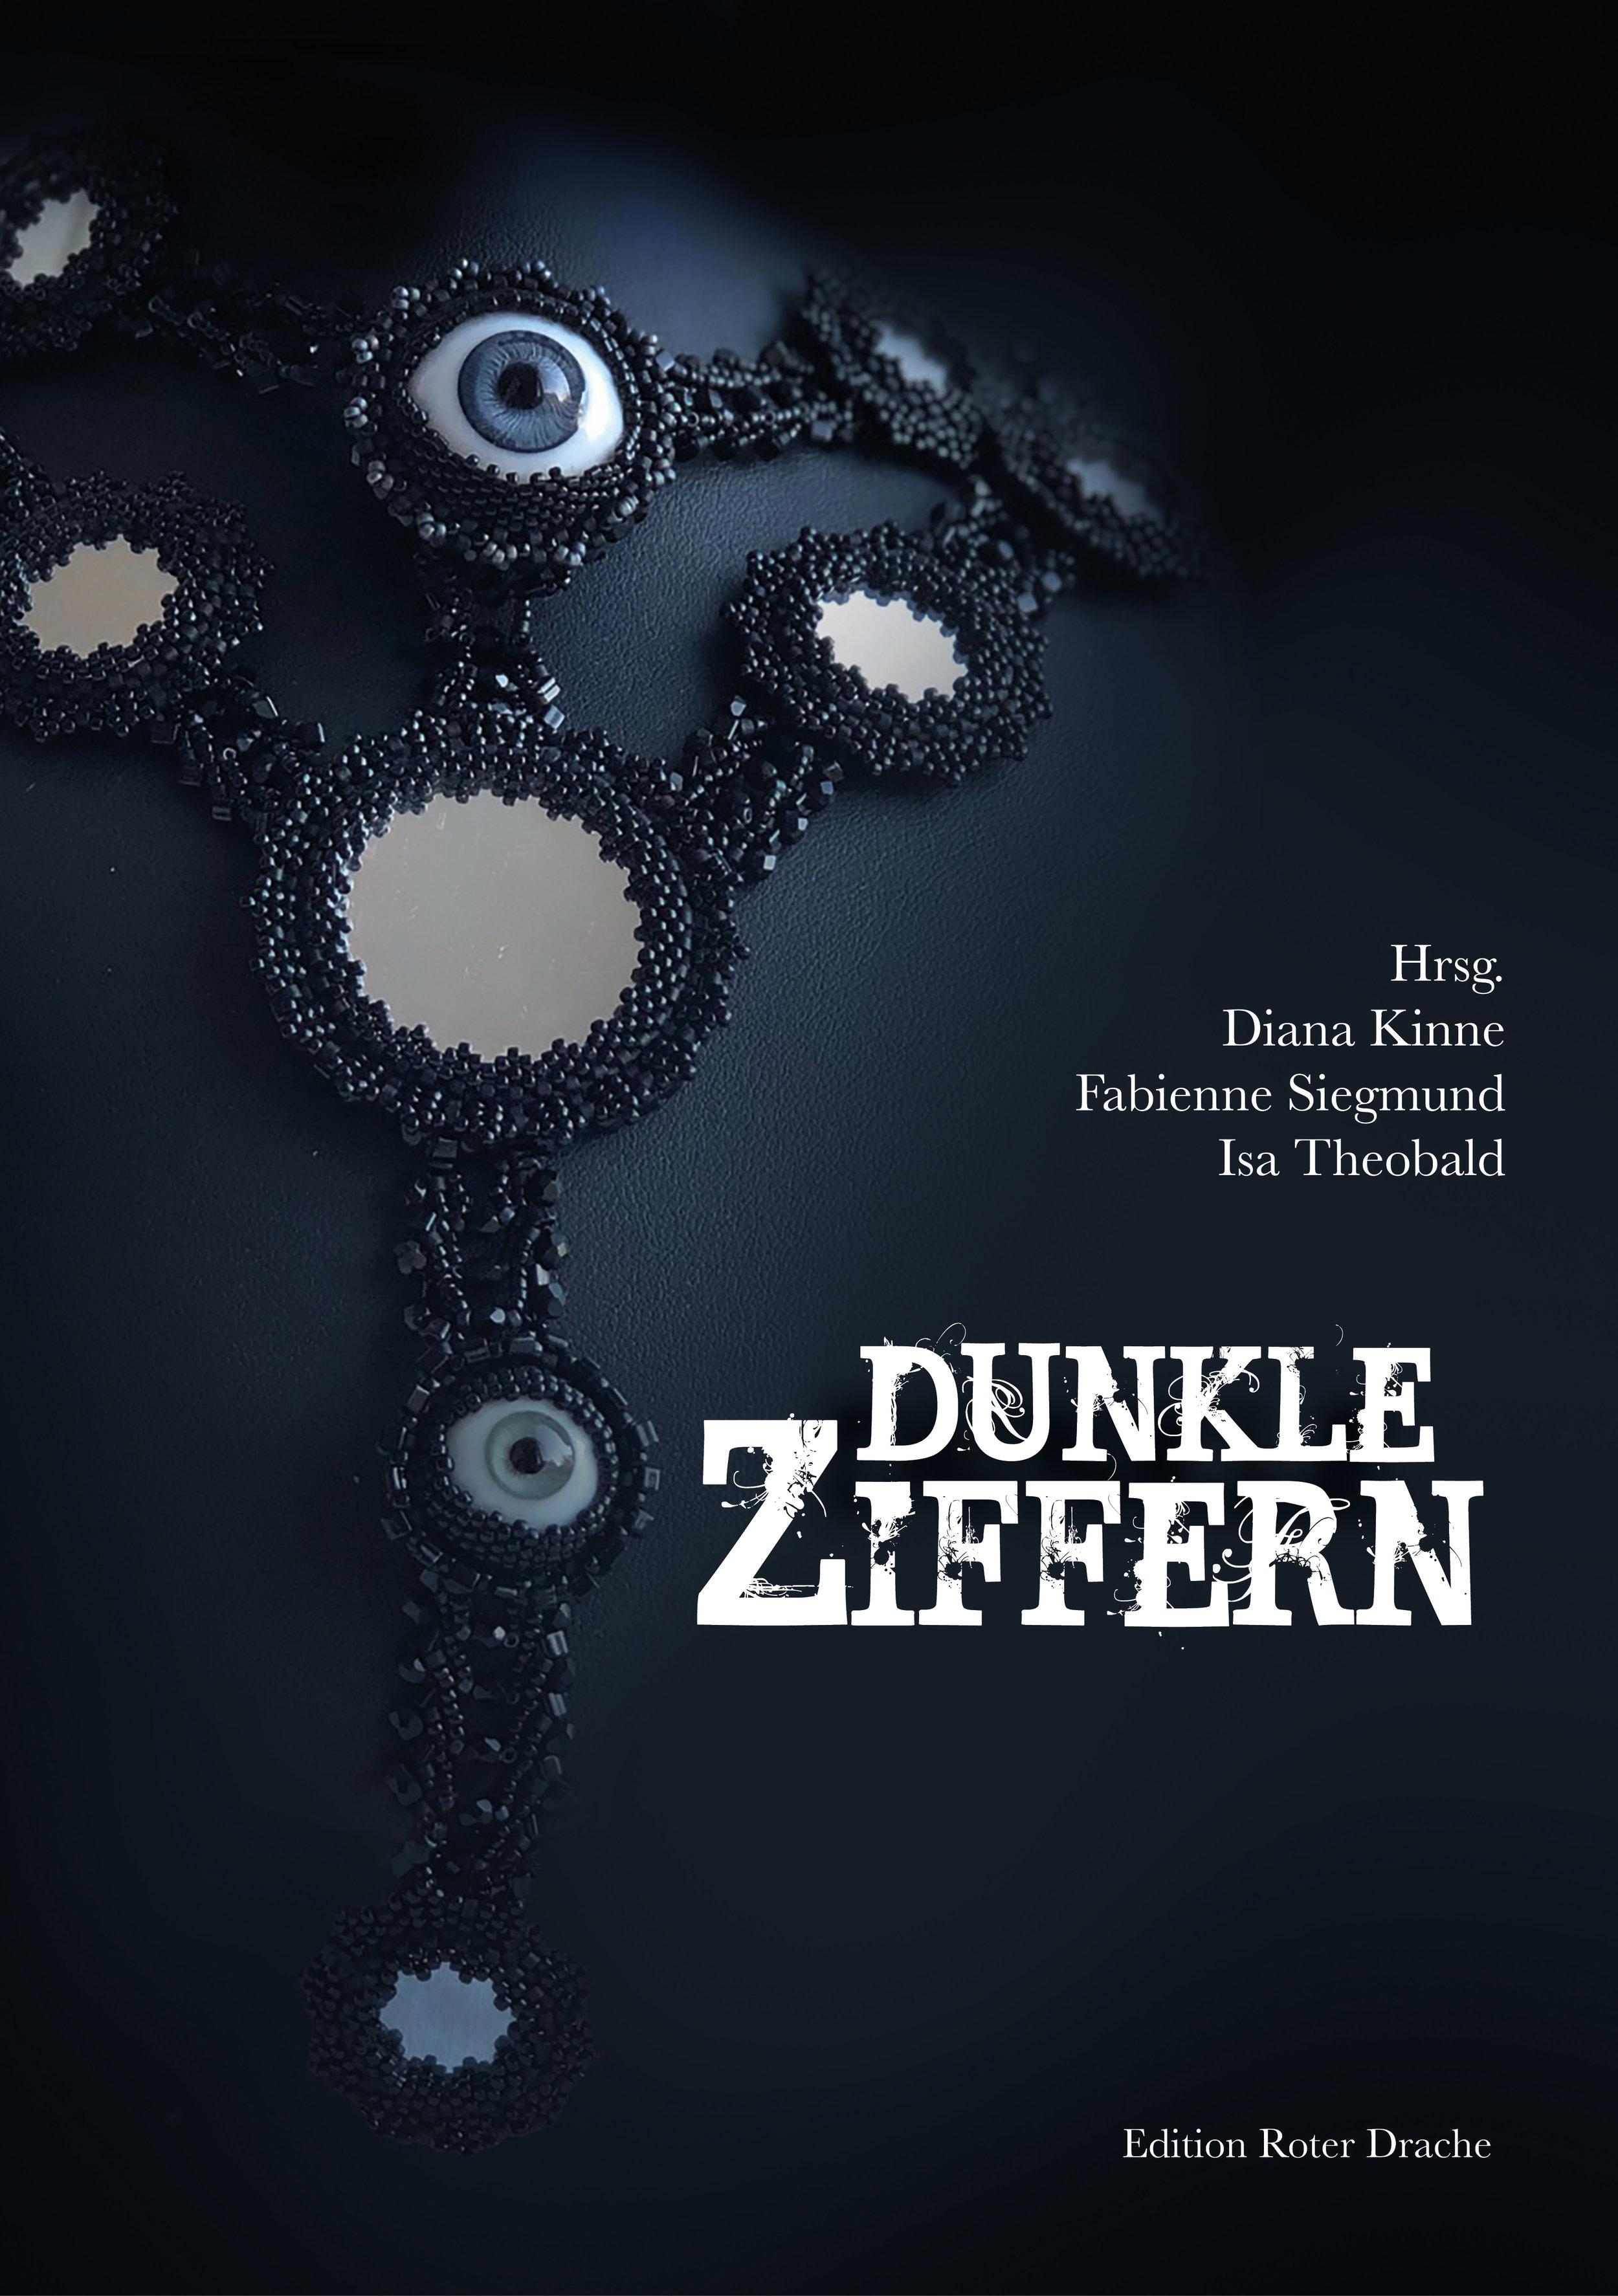 dunkle-ziffern_phantastik-autoren-netzwerk.jpg